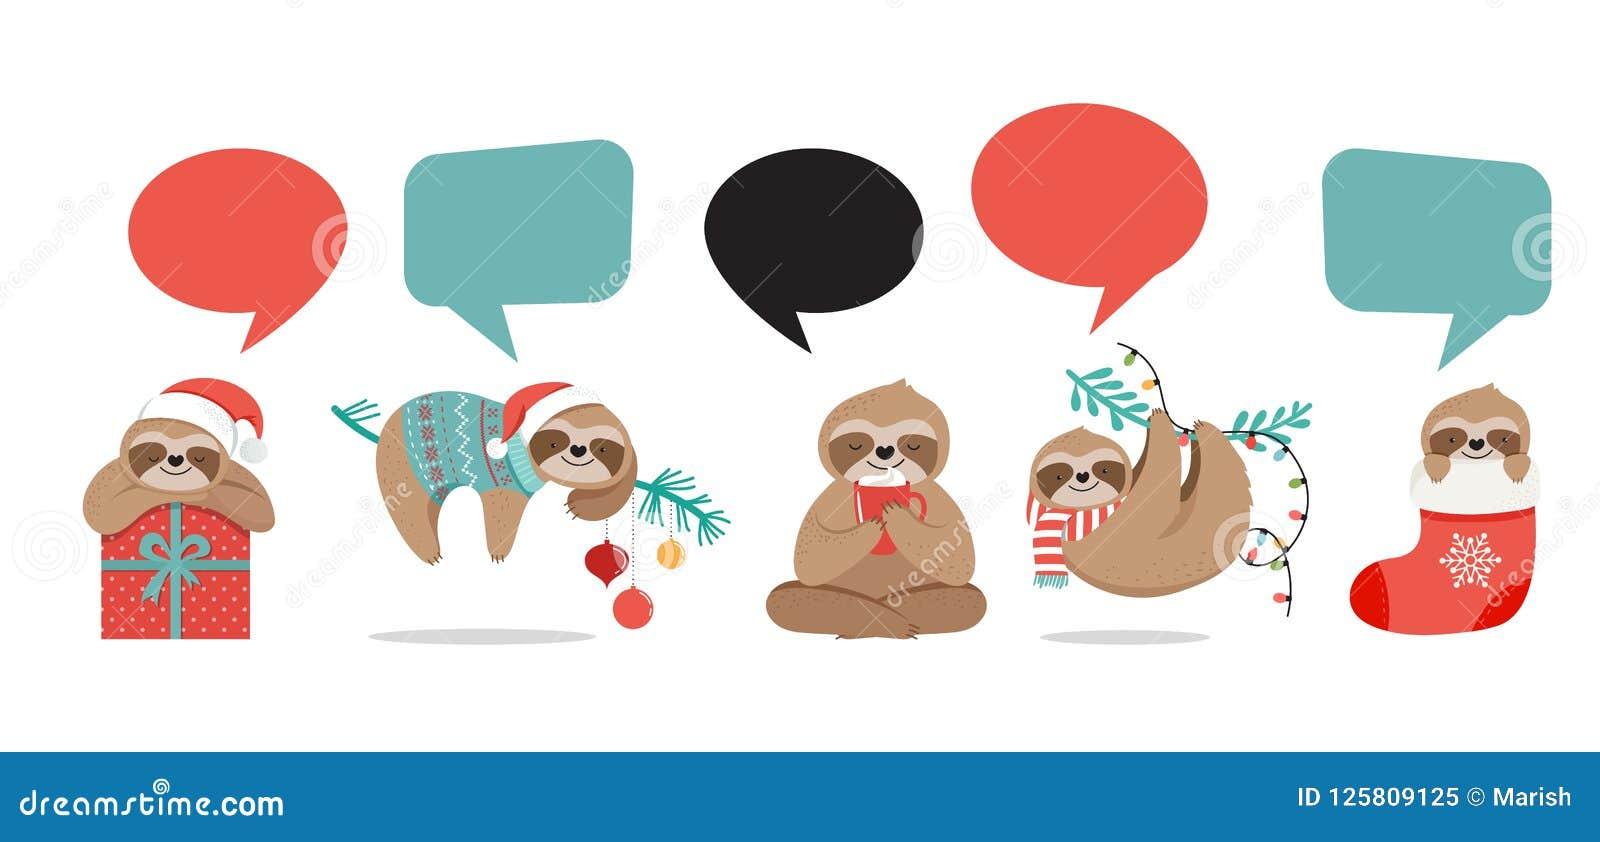 Les paresses mignonnes, les illustrations drôles de Noël avec des costumes de Santa Claus, le chapeau et les écharpes, cartes de